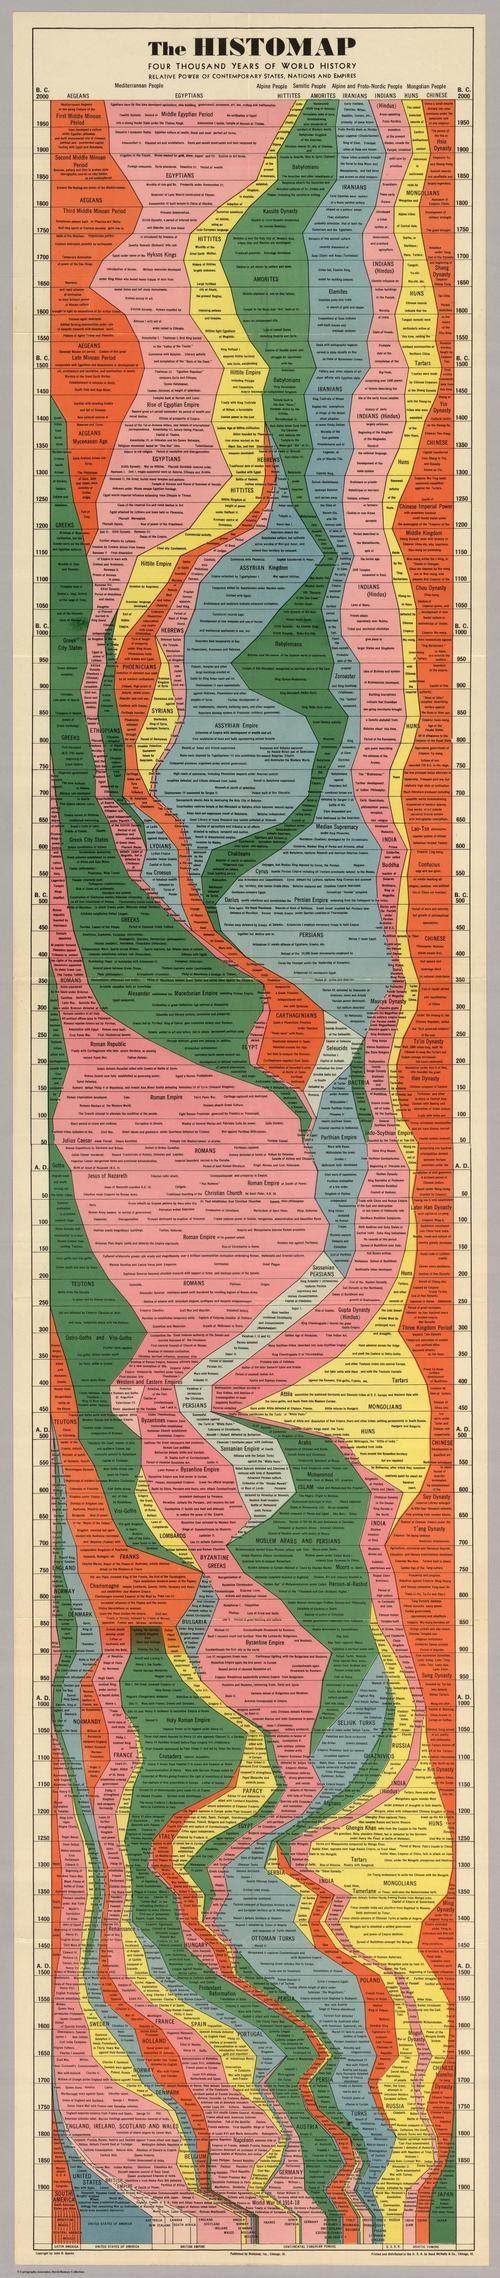 Visualización de los 4000 años de historia del poder global